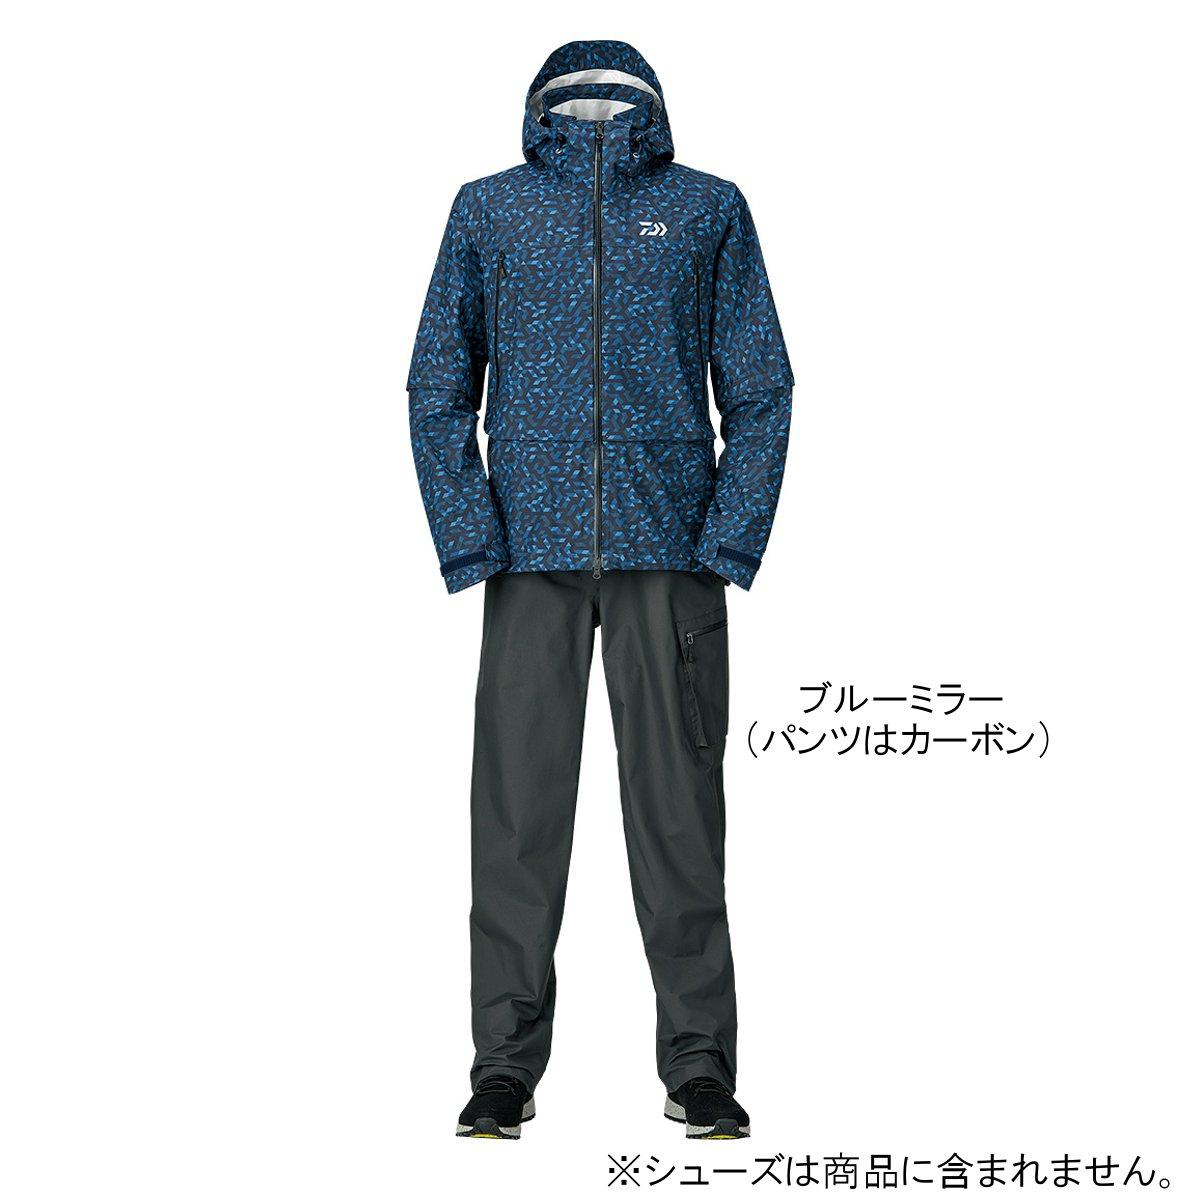 ダイワ レインマックス デタッチャブルレインスーツ DR-30009 L ブルーミラー【送料無料】